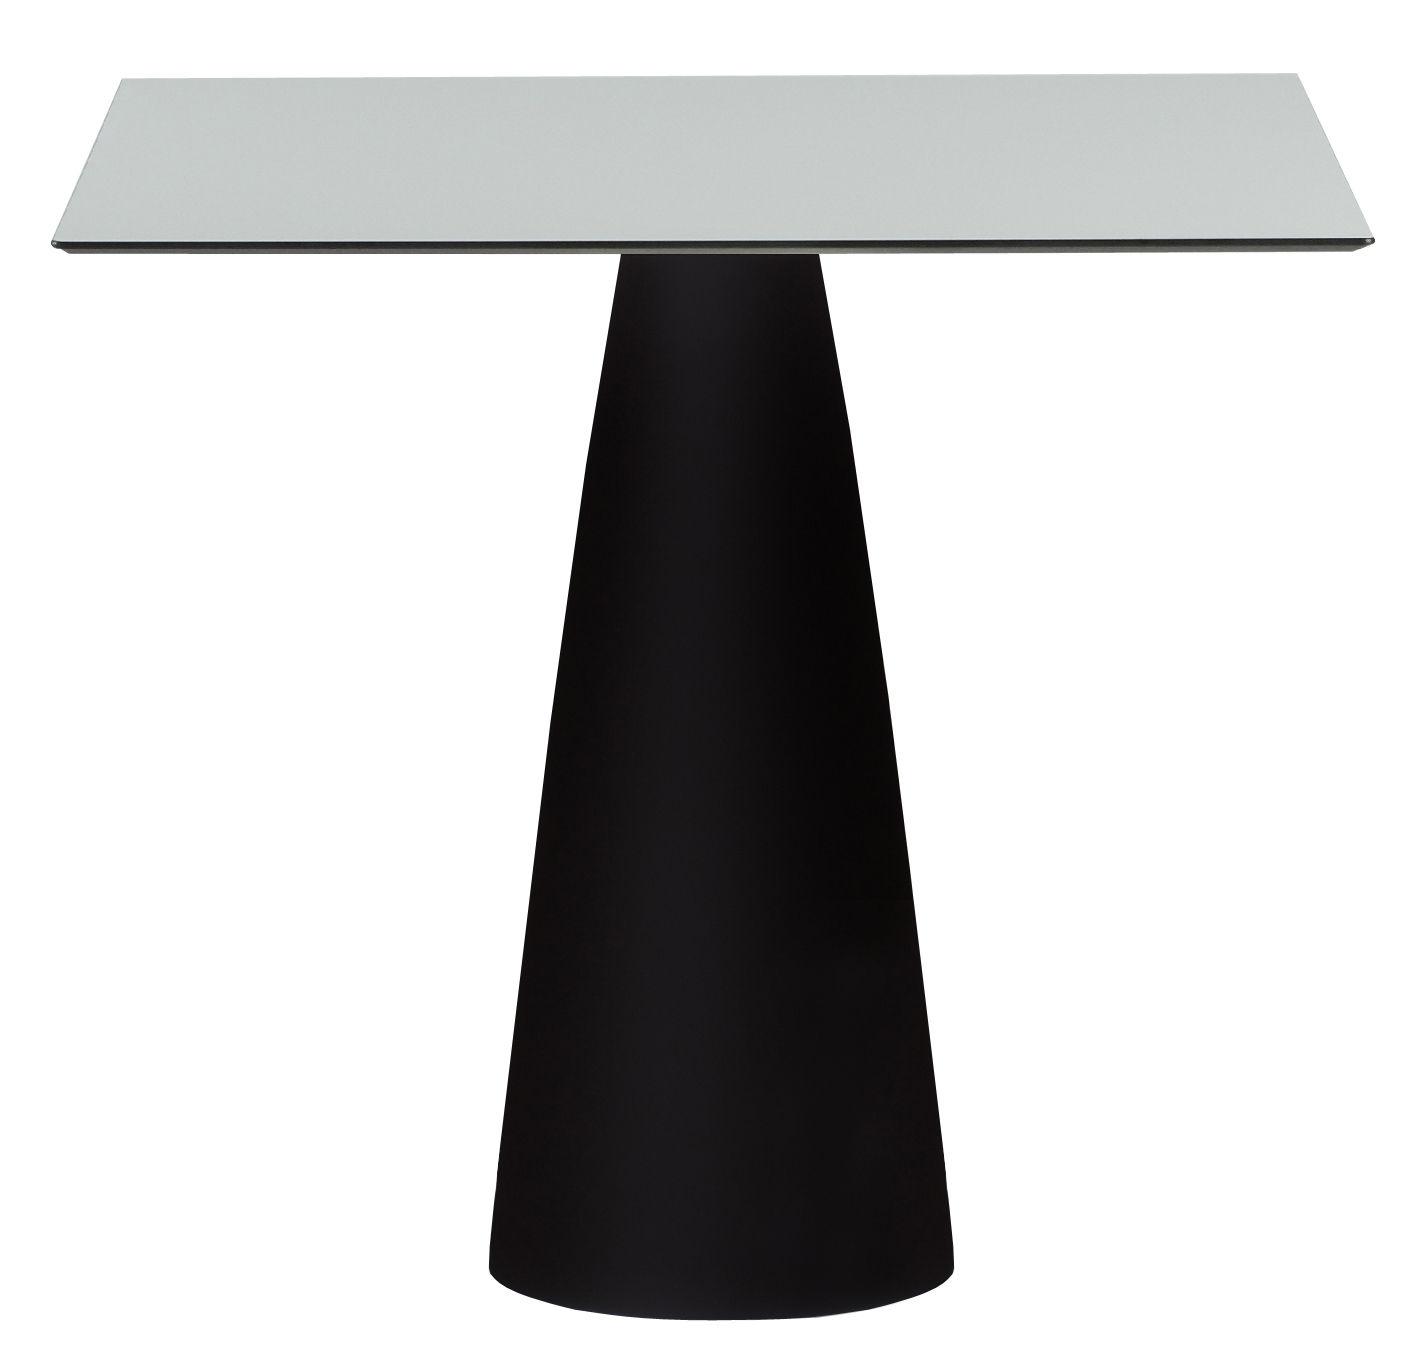 Outdoor - Tables de jardin - Table carrée Hoplà - H 72 cm / 79 x 79 cm - Slide - Blanc & pied noir - HPL stratifié, Polyéthylène recyclable